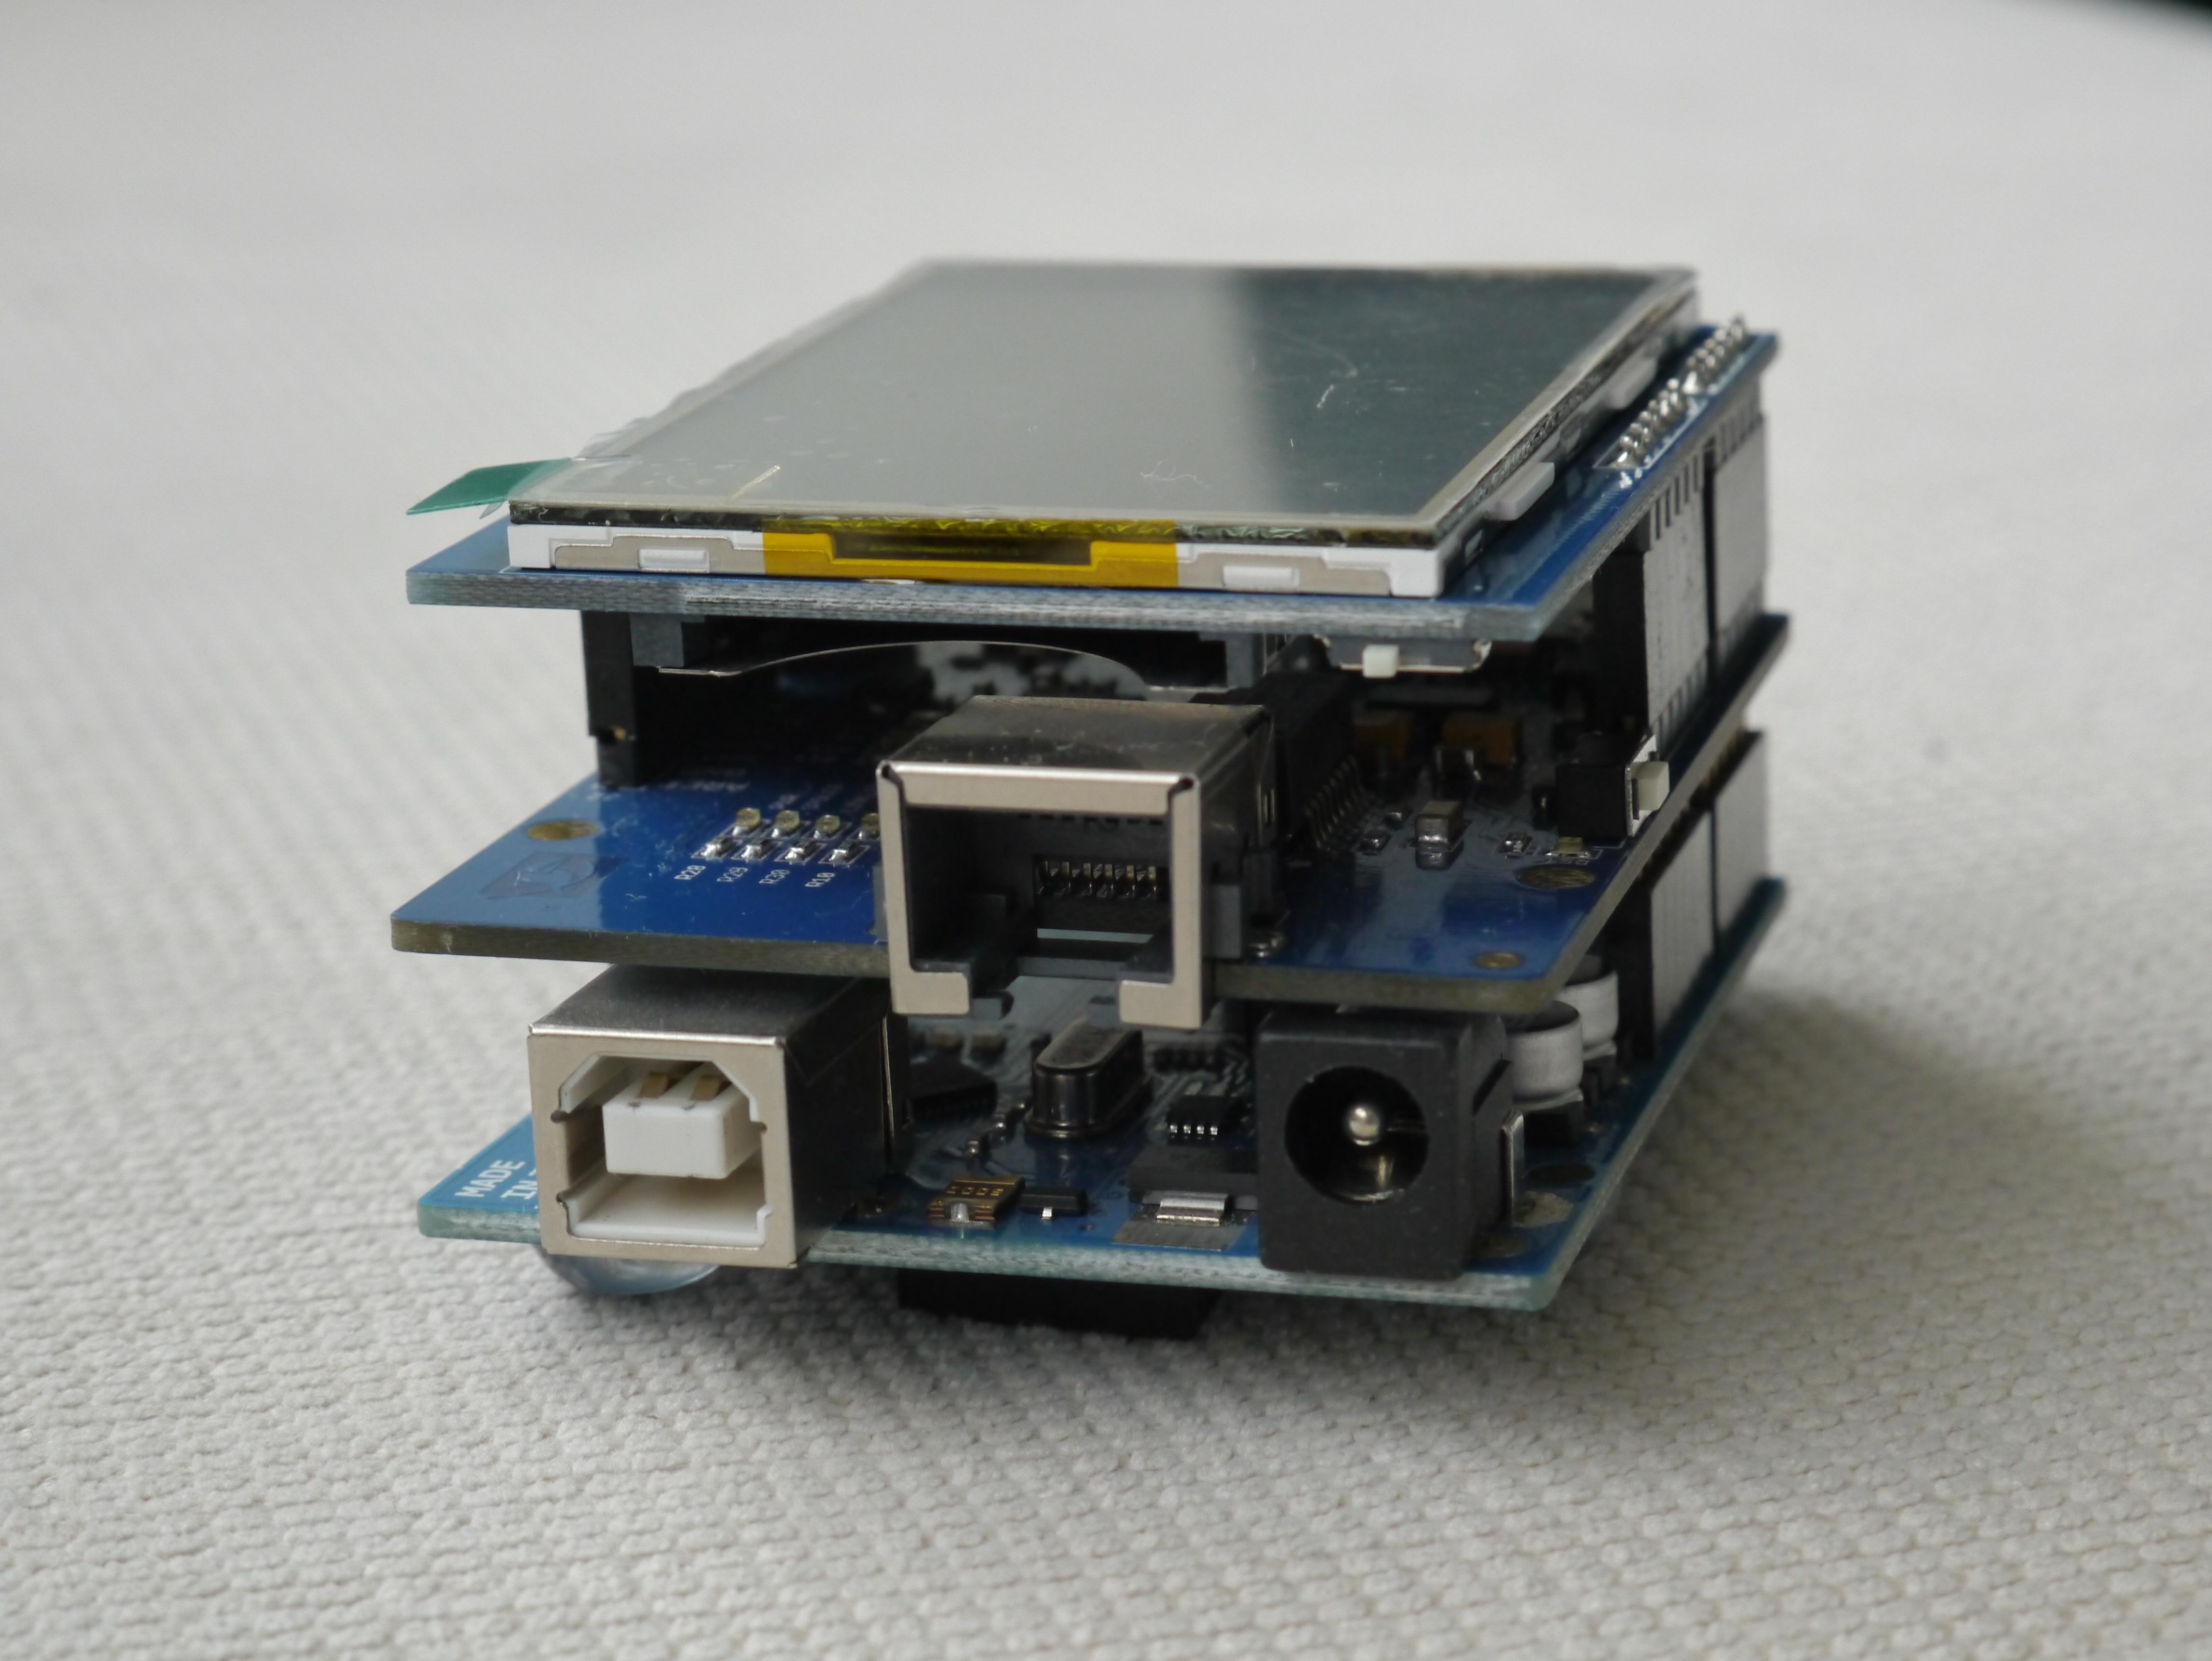 Wiznet W5200 Arduino Shield by Elecrow   feilipu